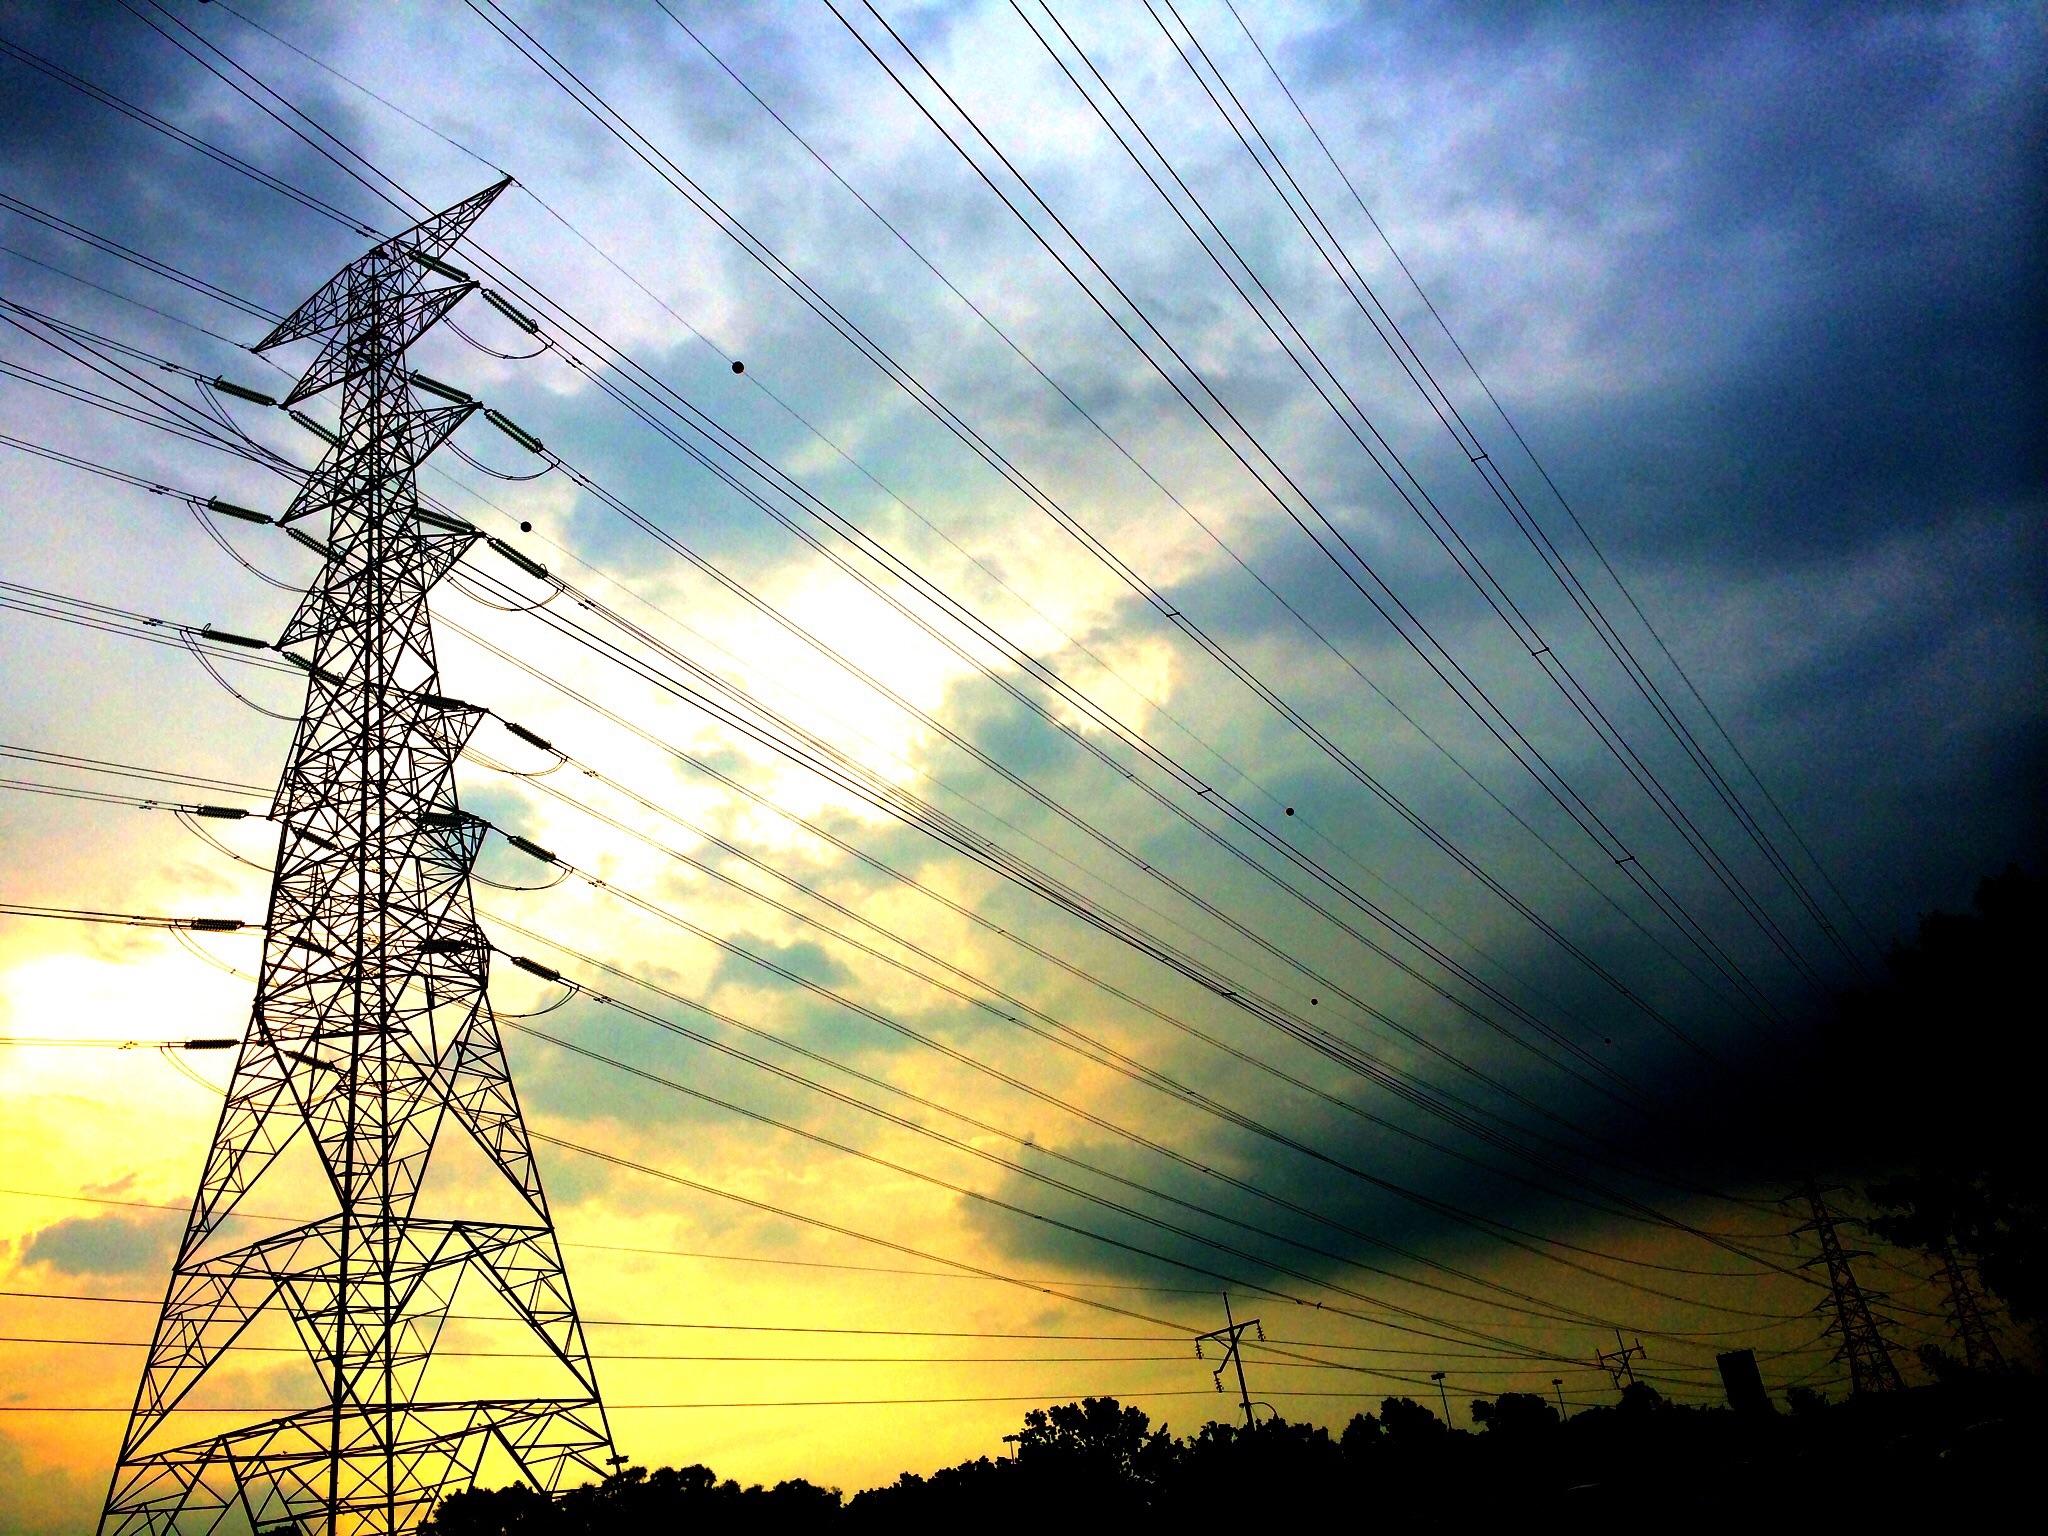 красивые картинки электричество другой